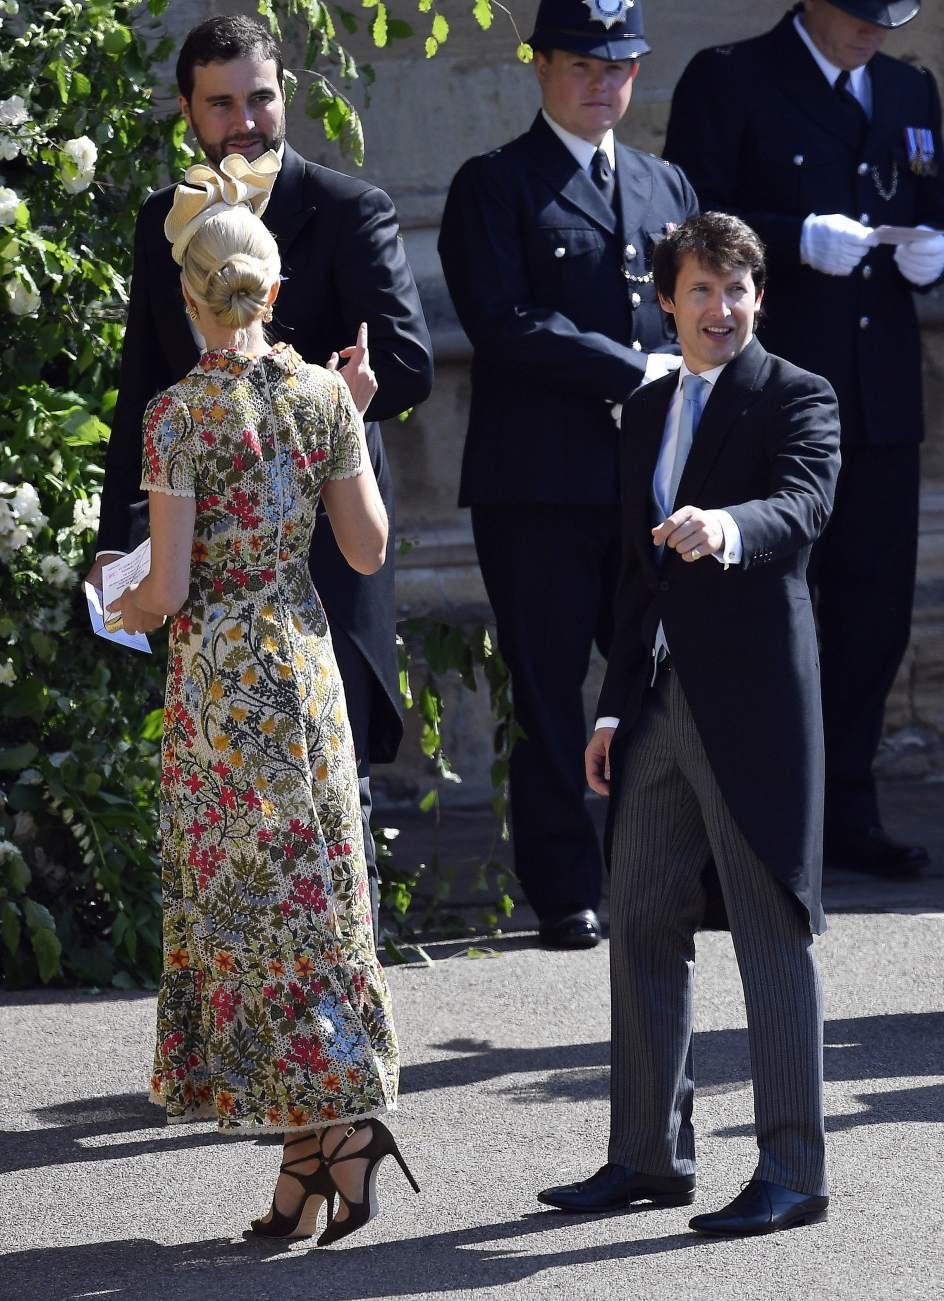 Boda de Meghan y el príncipe Harry